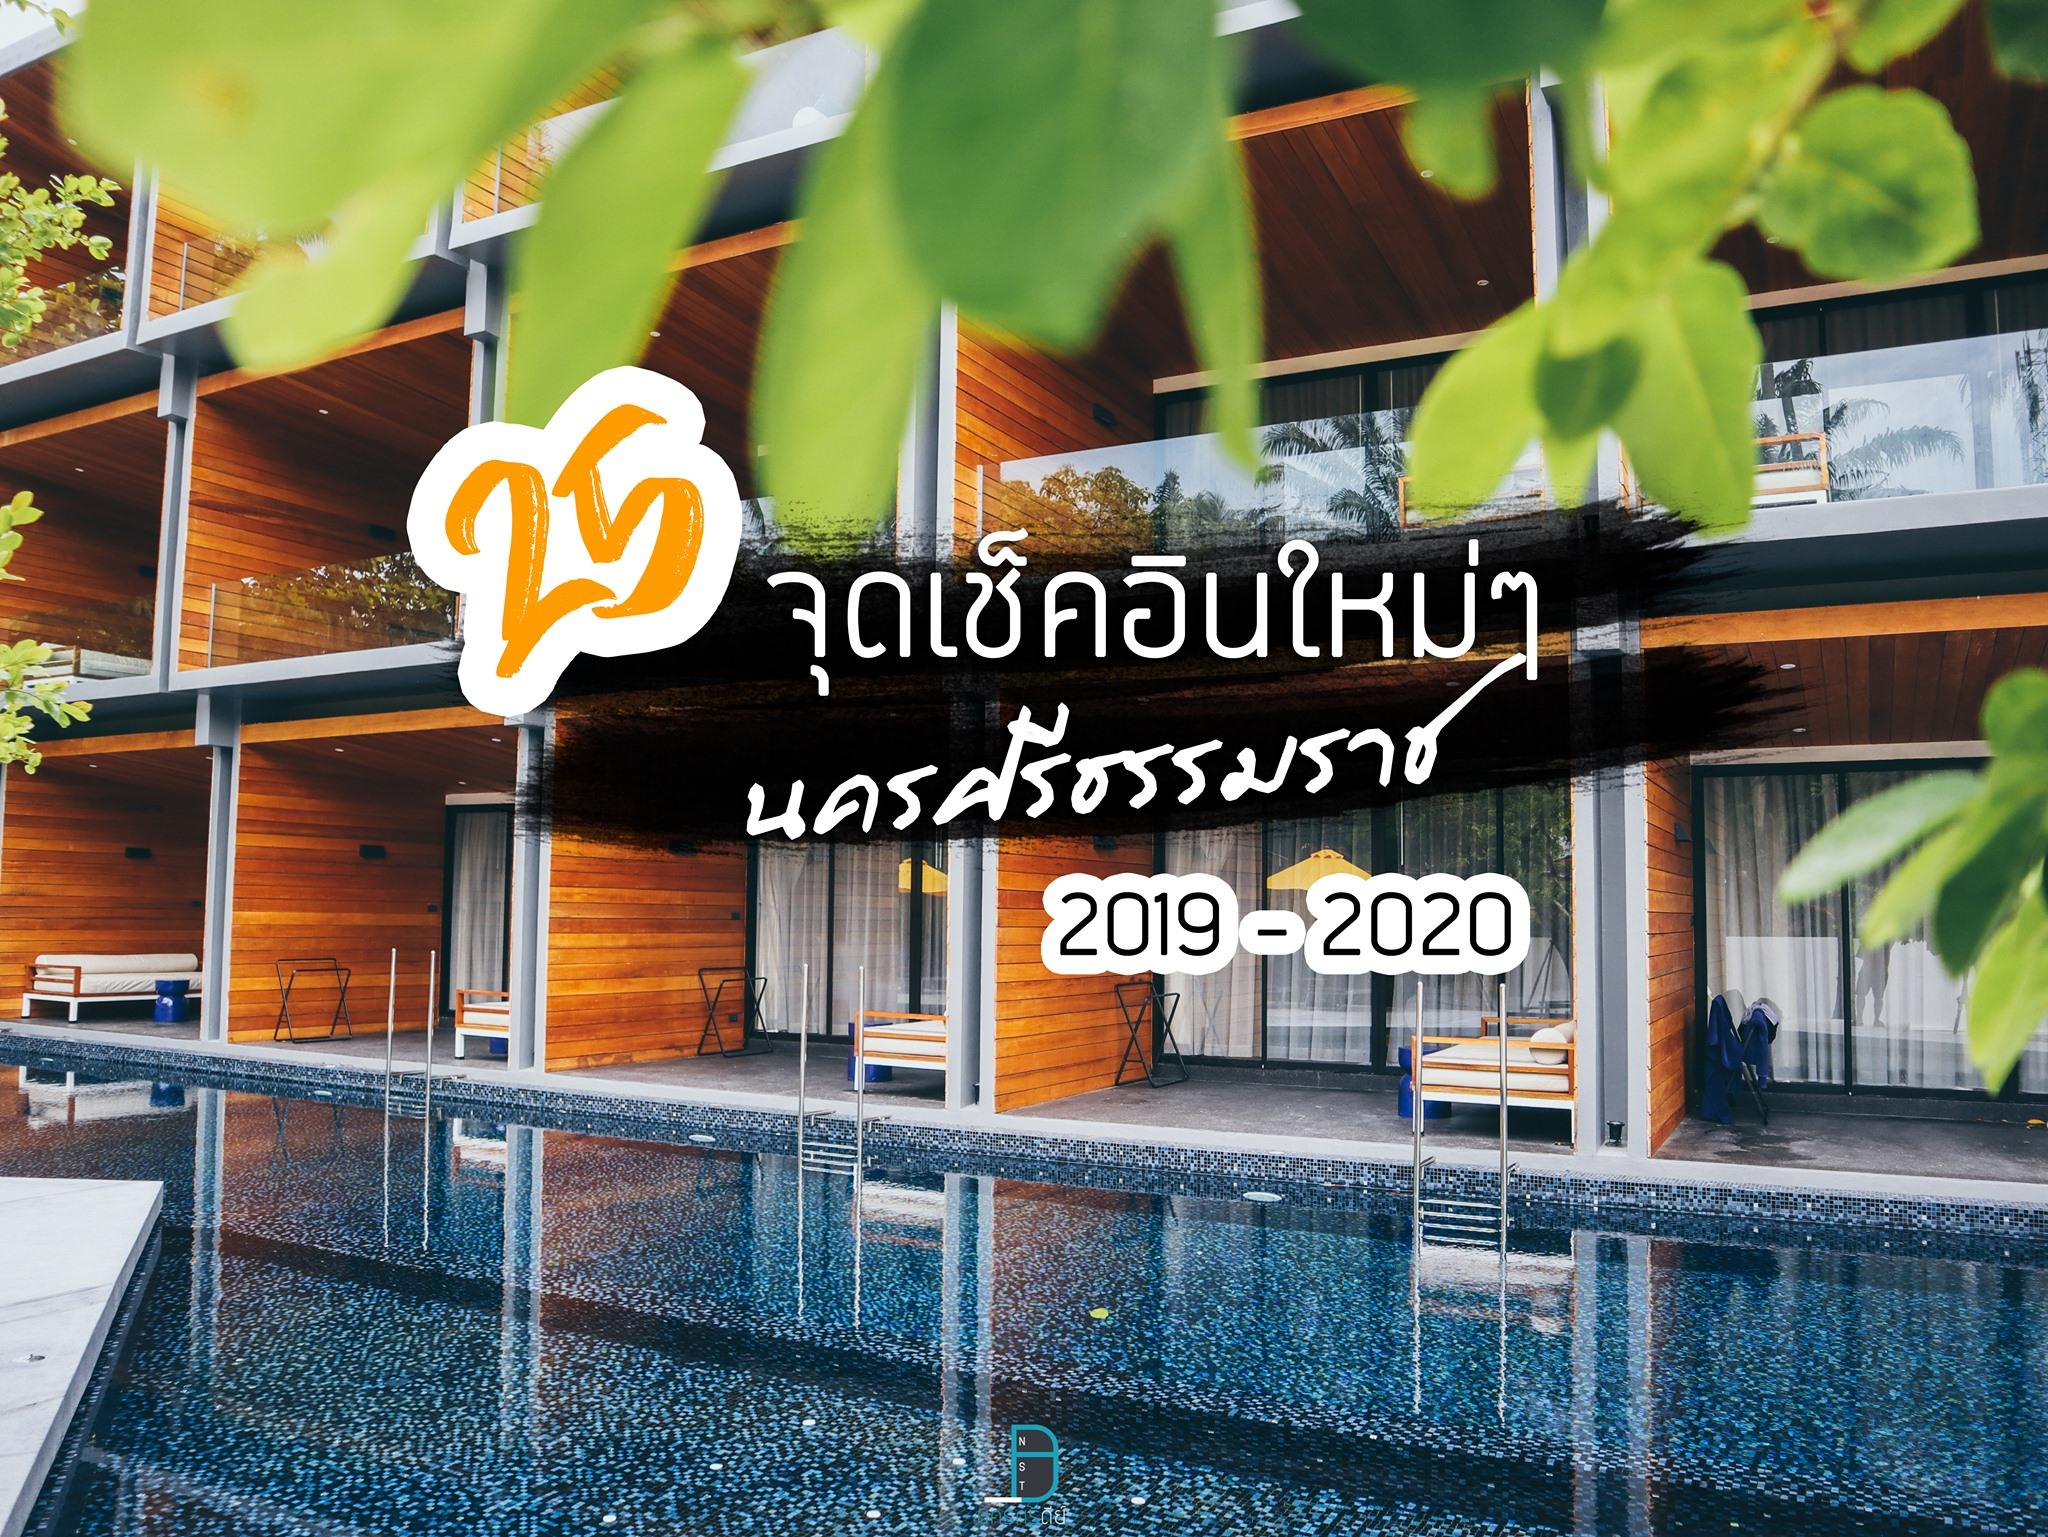 25 สถานที่ท่องเที่ยวใหม่ๆ นครศรีธรรมราช 2021 ร้านอาหาร จุดเช็คอิน ที่พัก